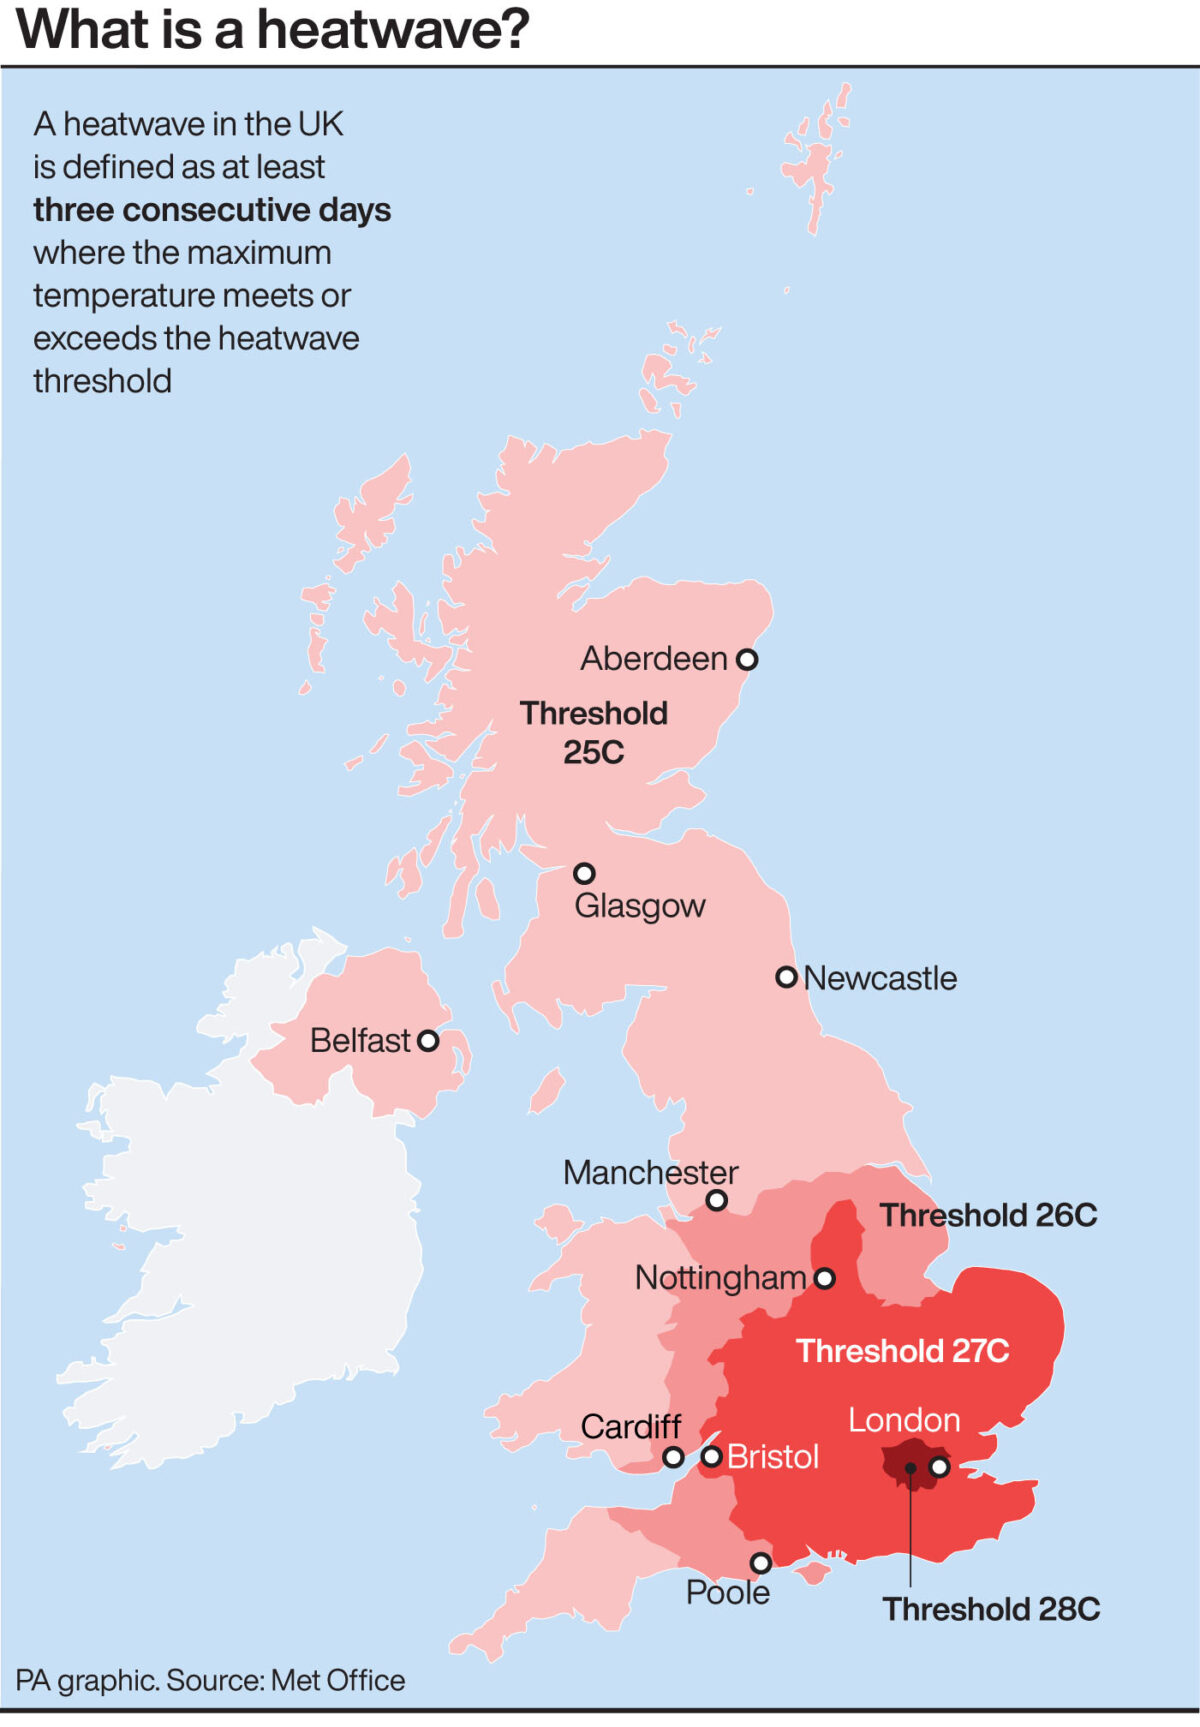 Infographic explains what a heatwave